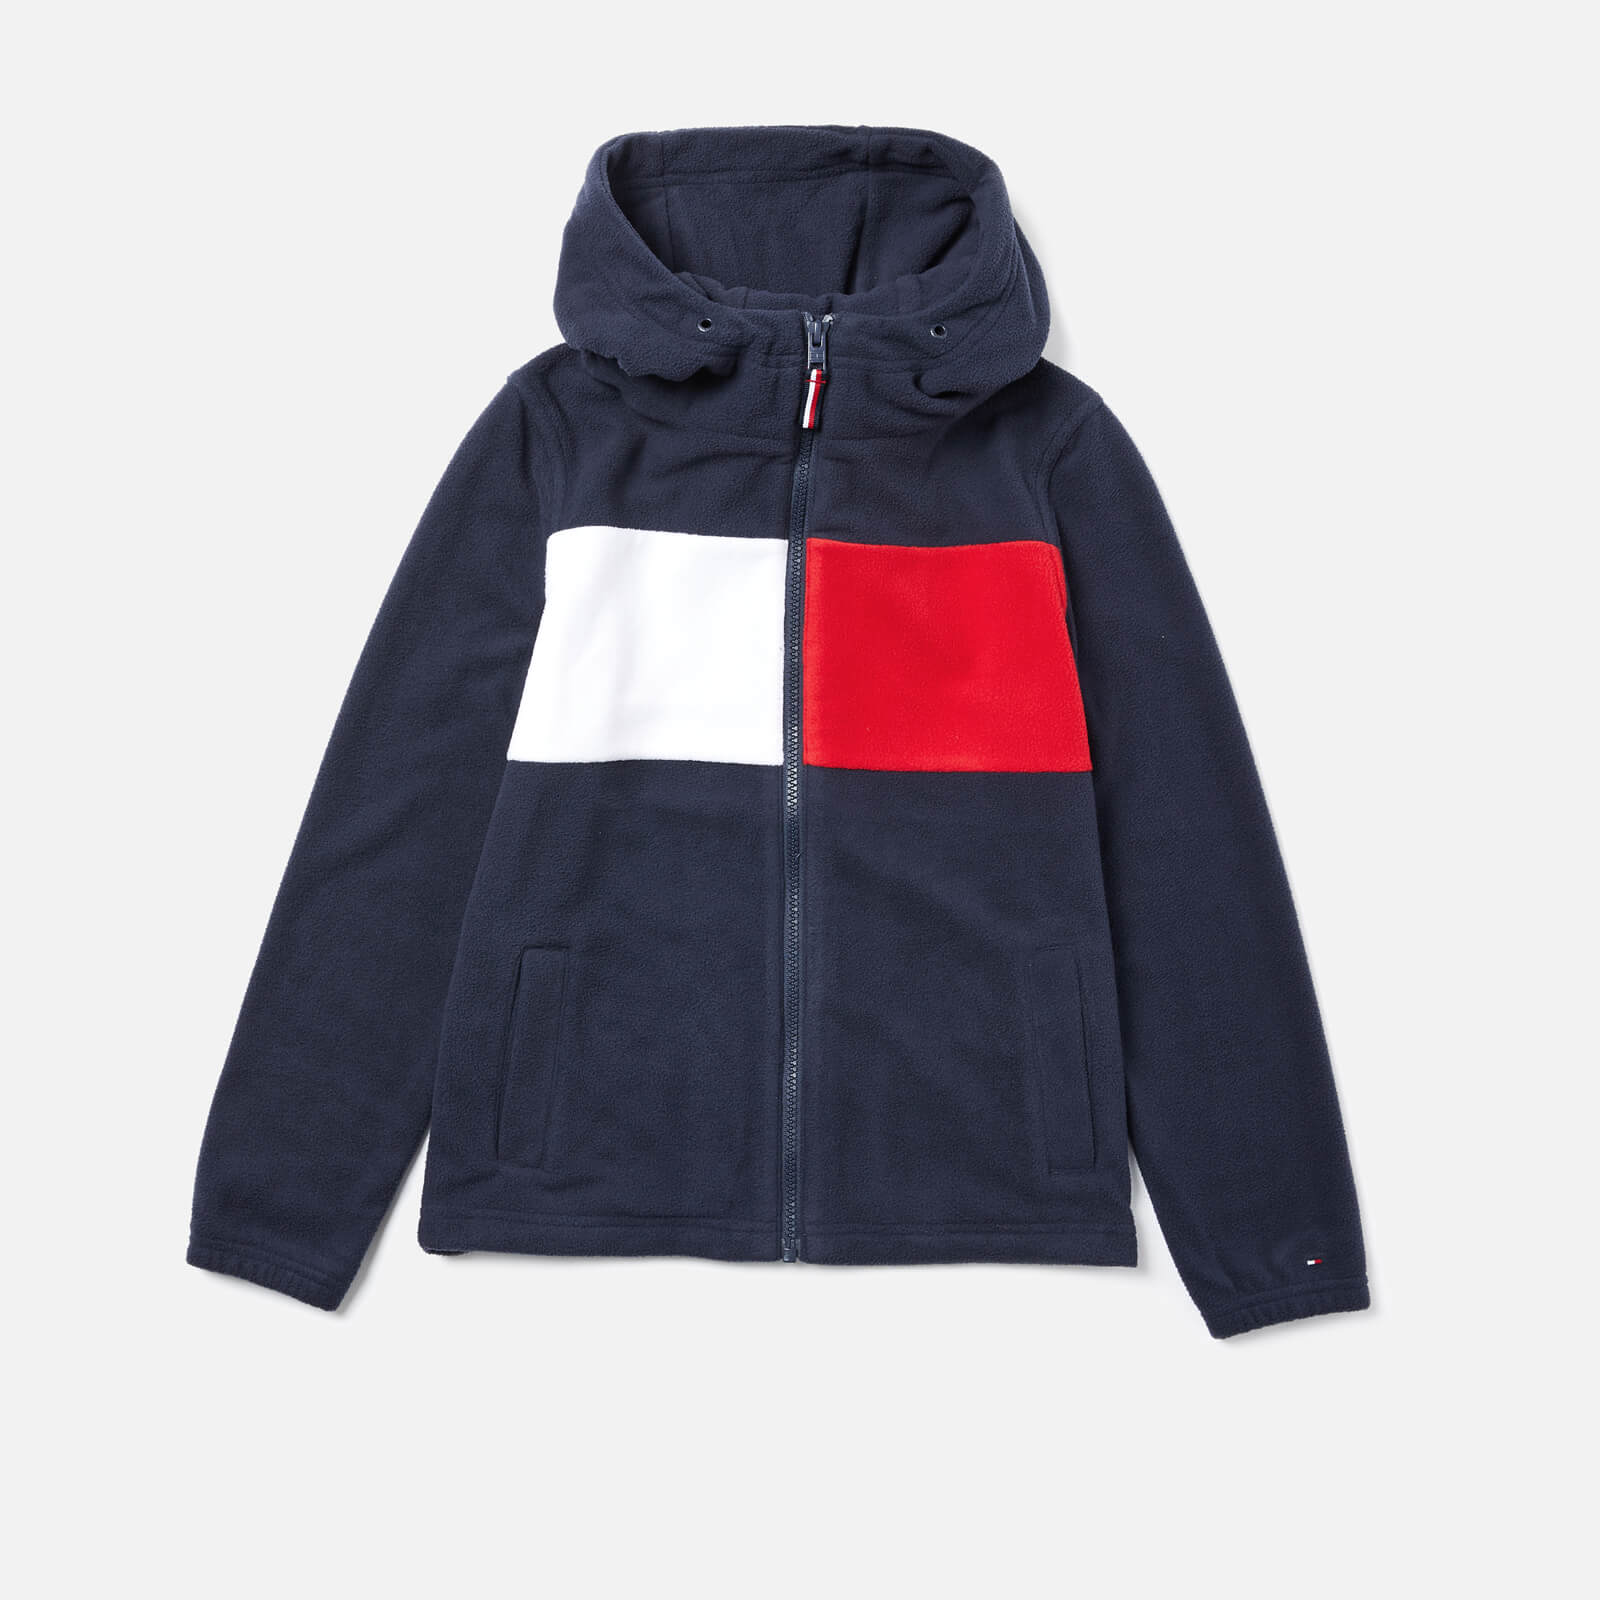 71bc4d40 Tommy Hilfiger Boys' Polar Fleece Flag Zip Hoody - Navy Clothing |  TheHut.com